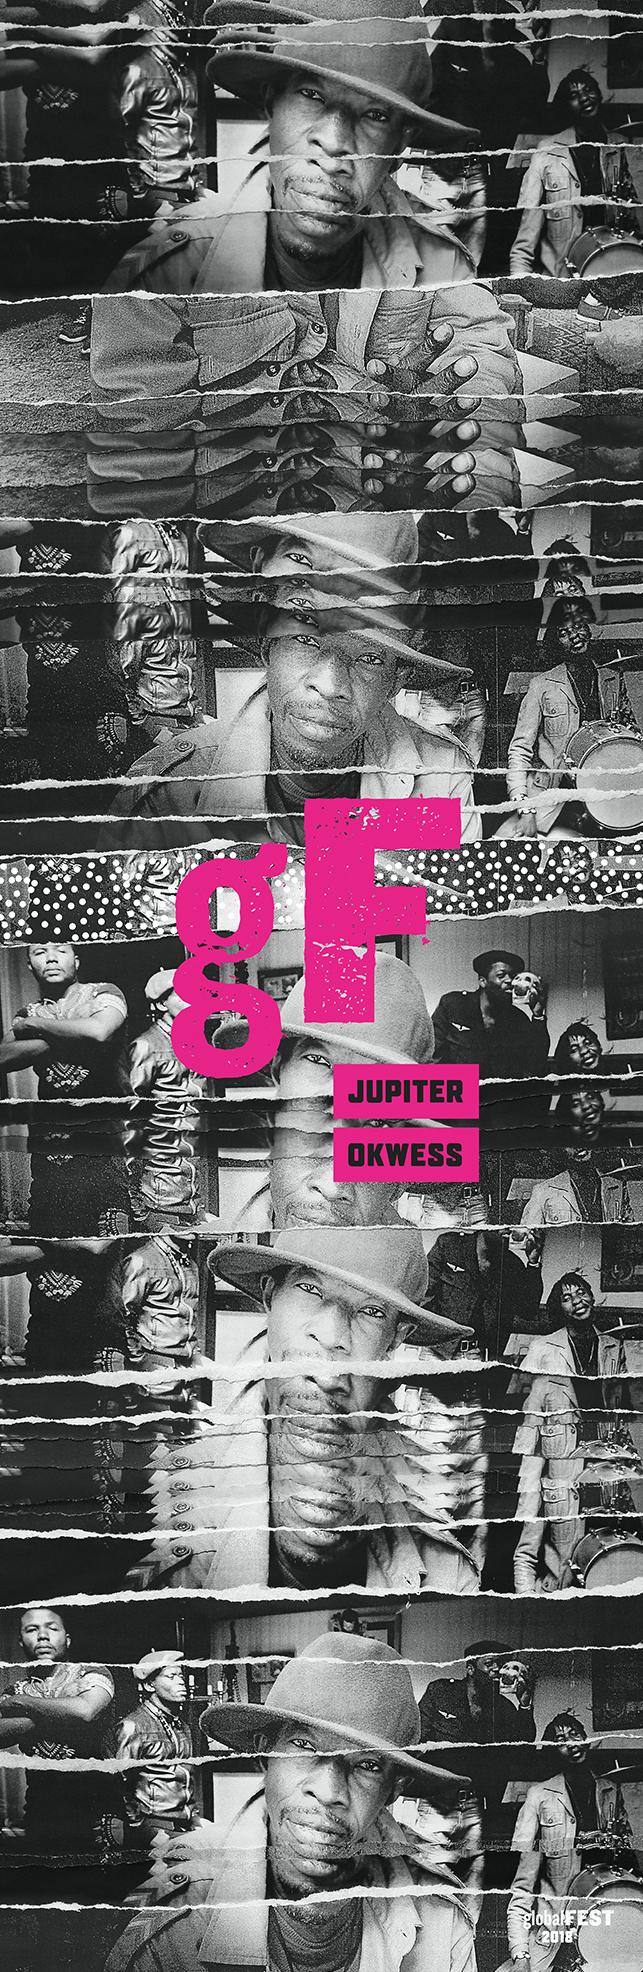 diogomontes_globalfest_artist_posters-jupiter